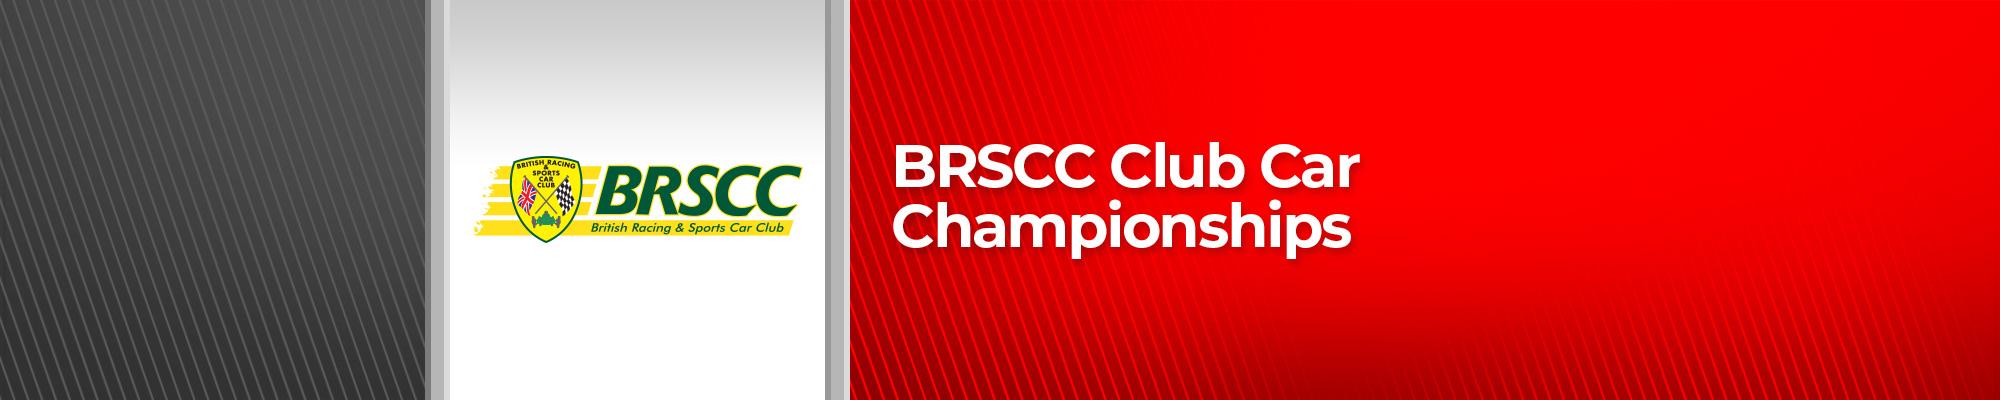 BRSCC Fun Cup Raceday